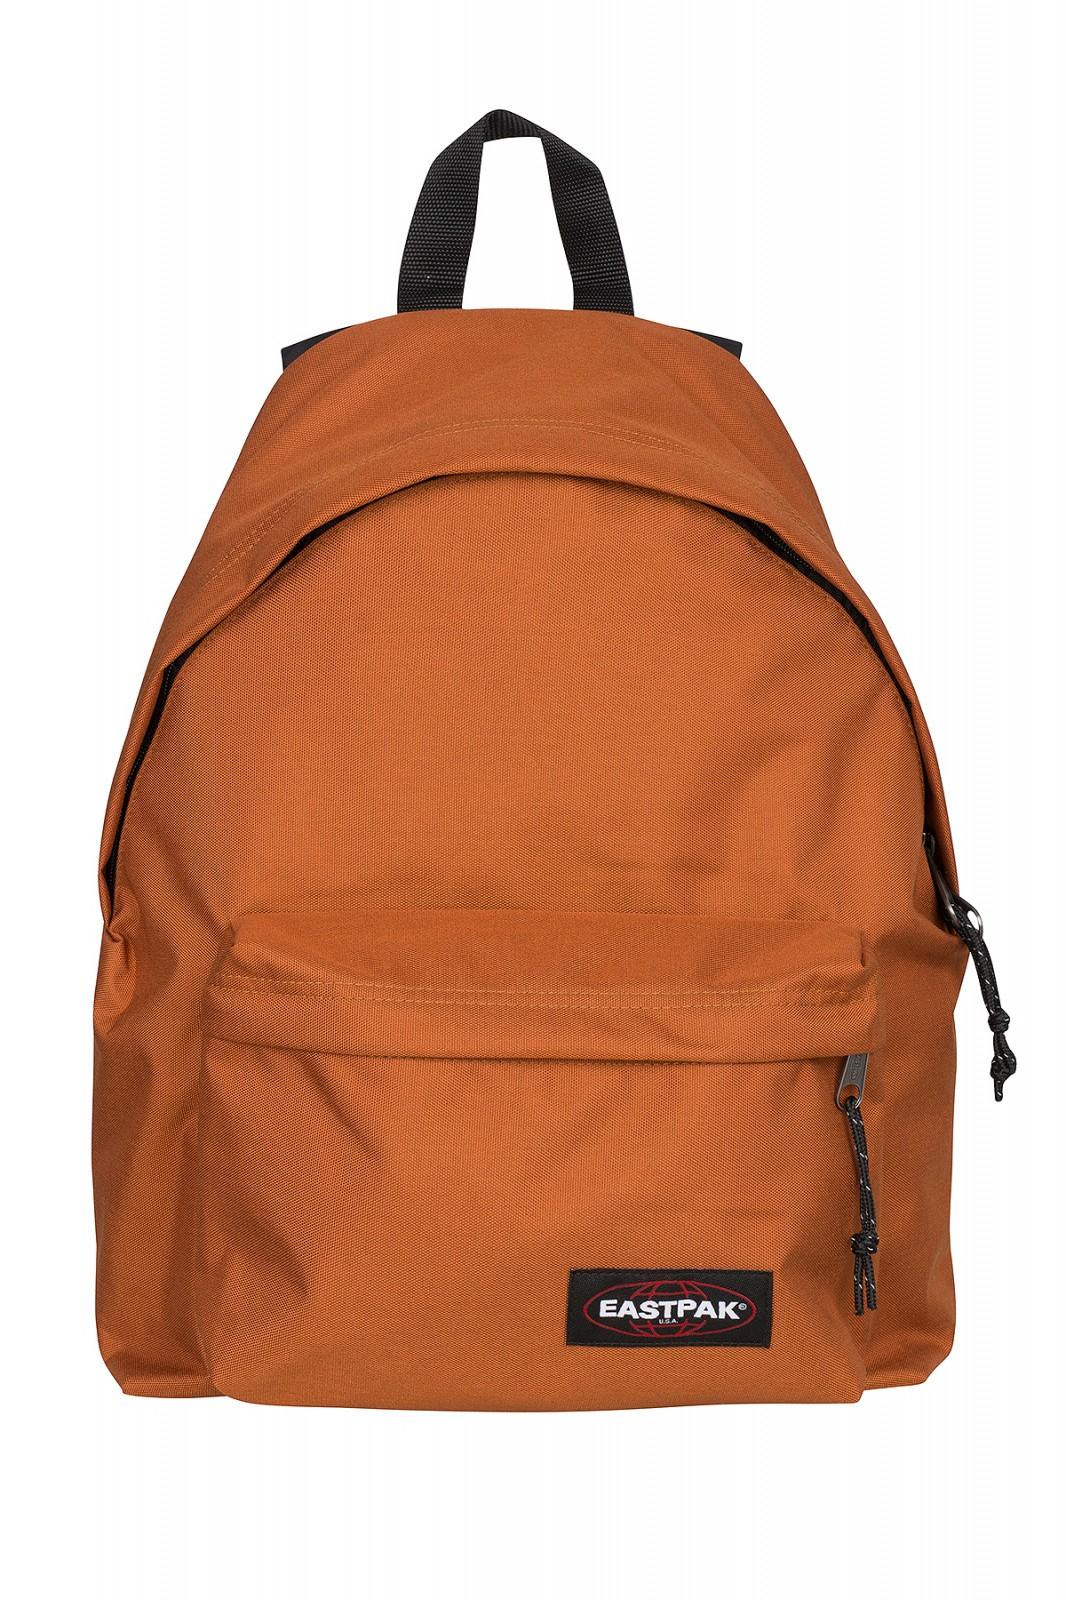 [Outlet46]Taschensale z.B. Eastpack 24l Rucksack für 19,99 statt ca. 24,99 Euro und mehr.